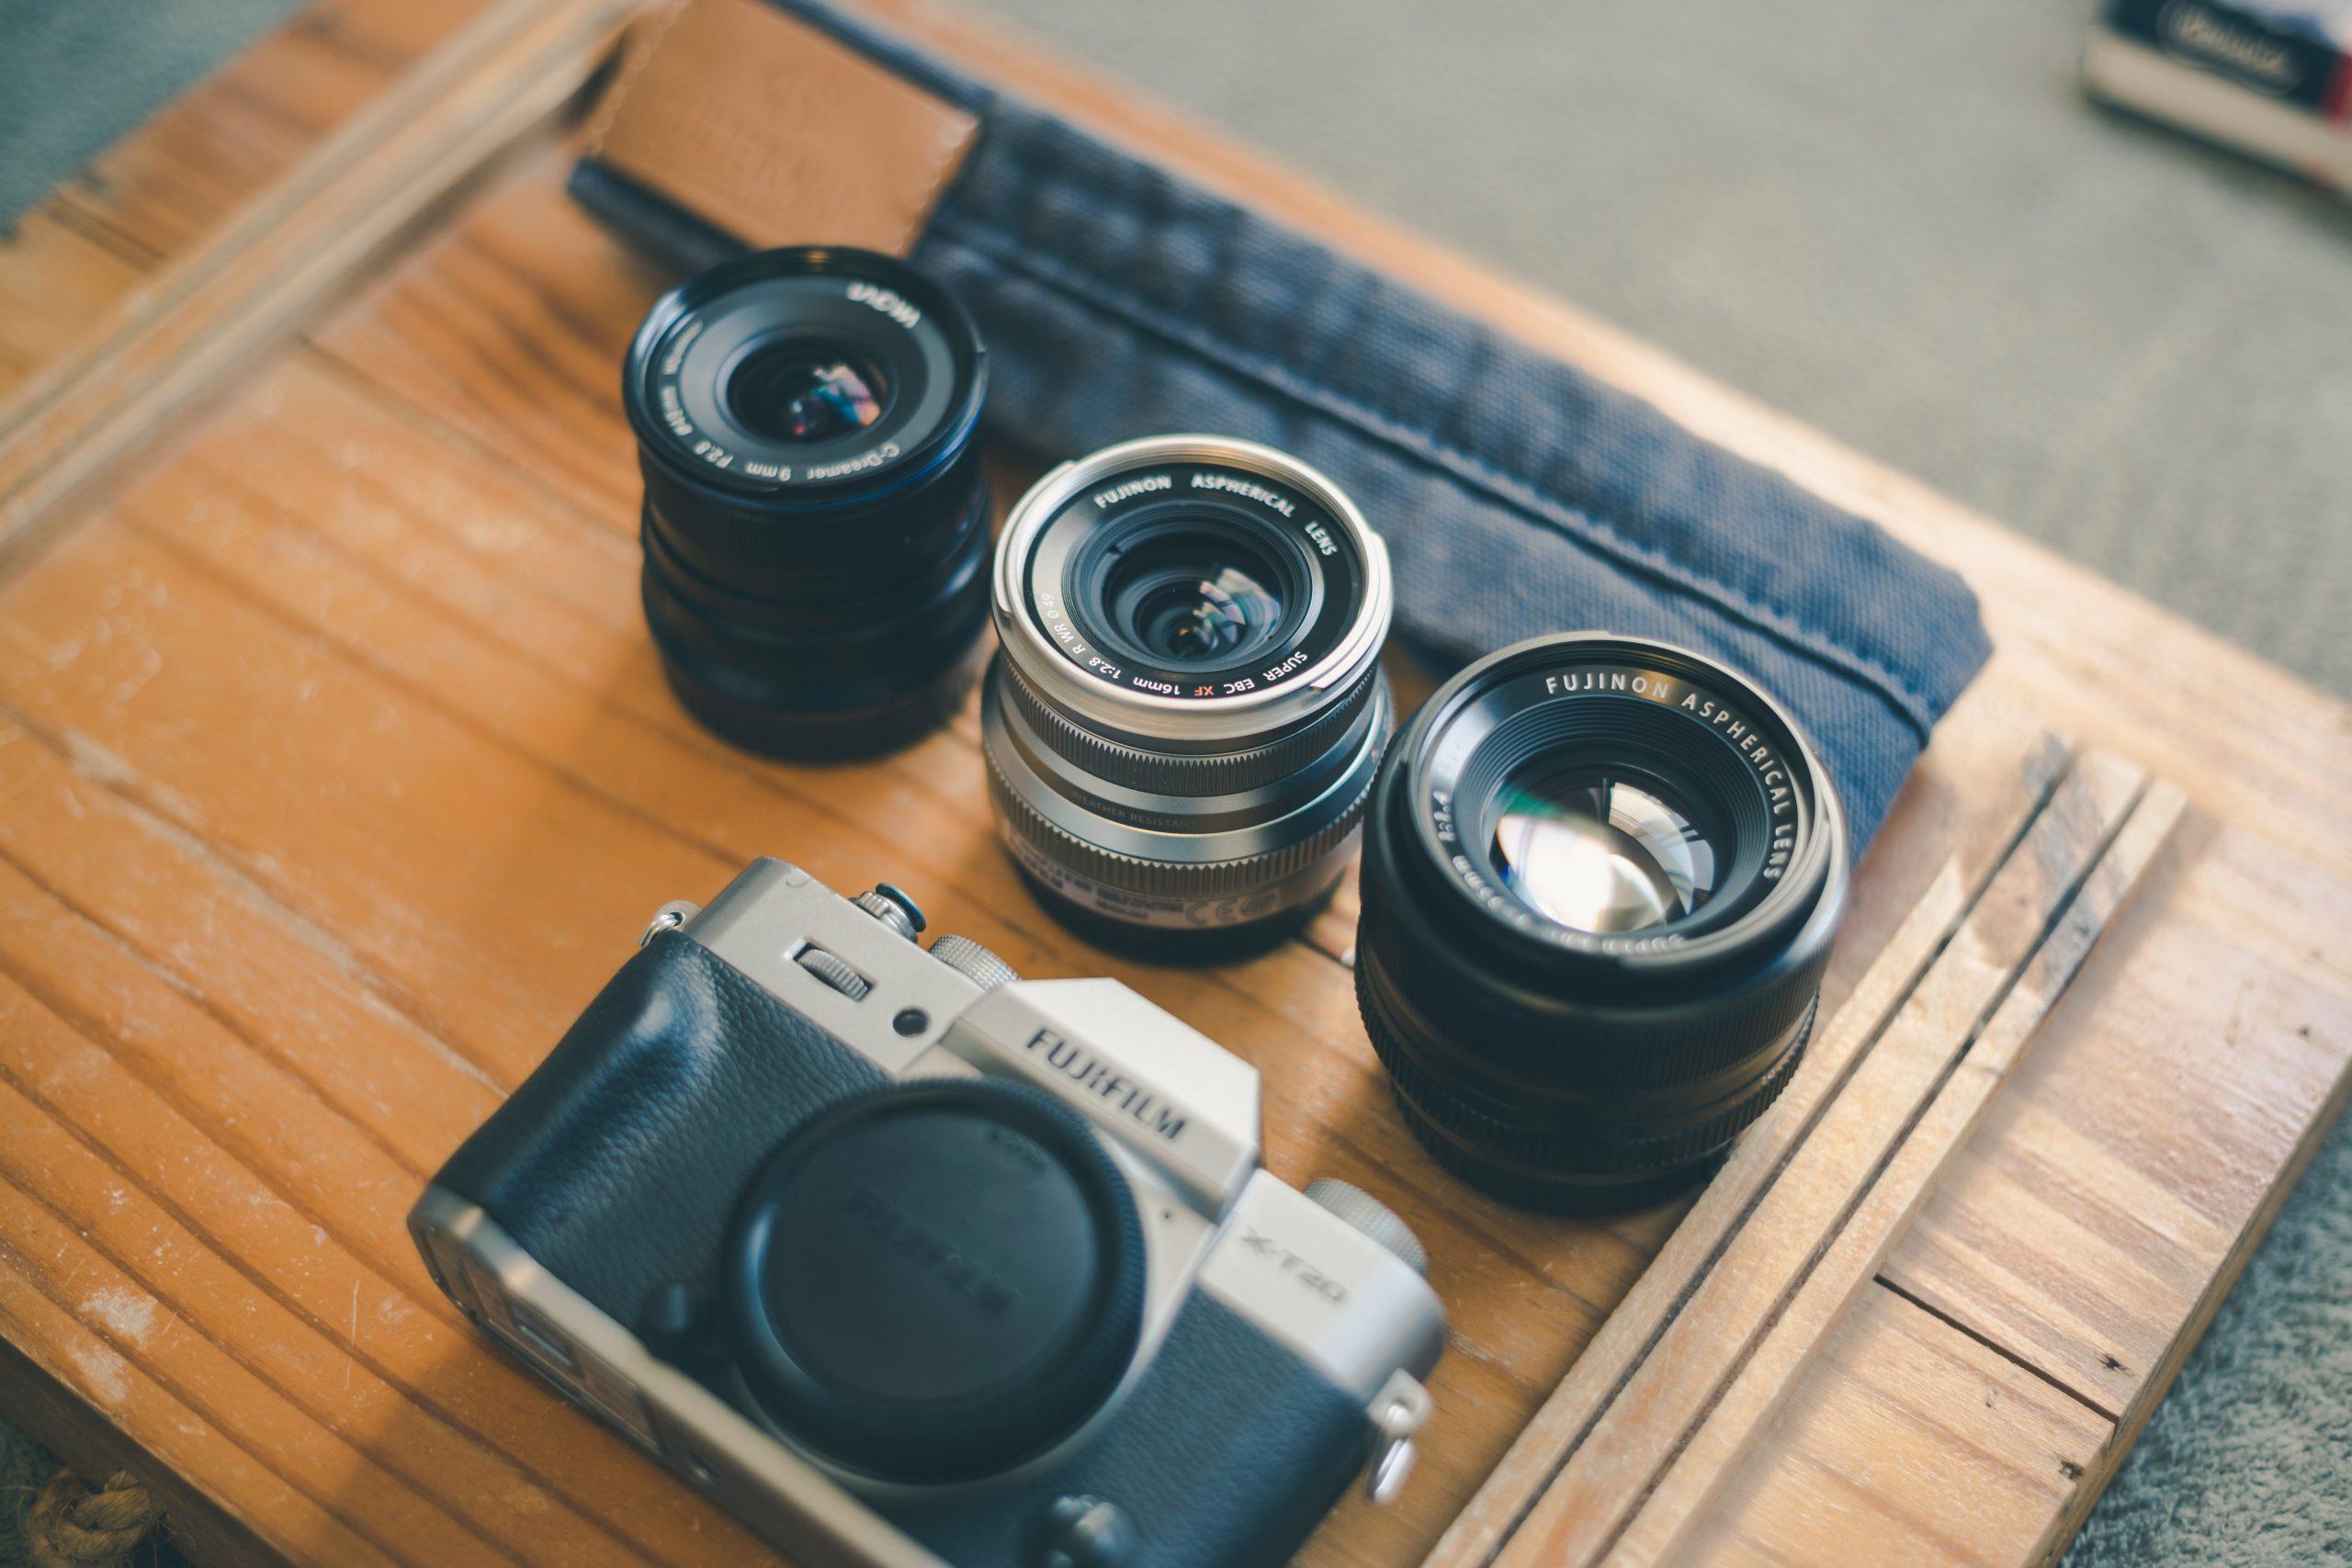 Imagem mostra uma câmera junto com três lentes diferentes.